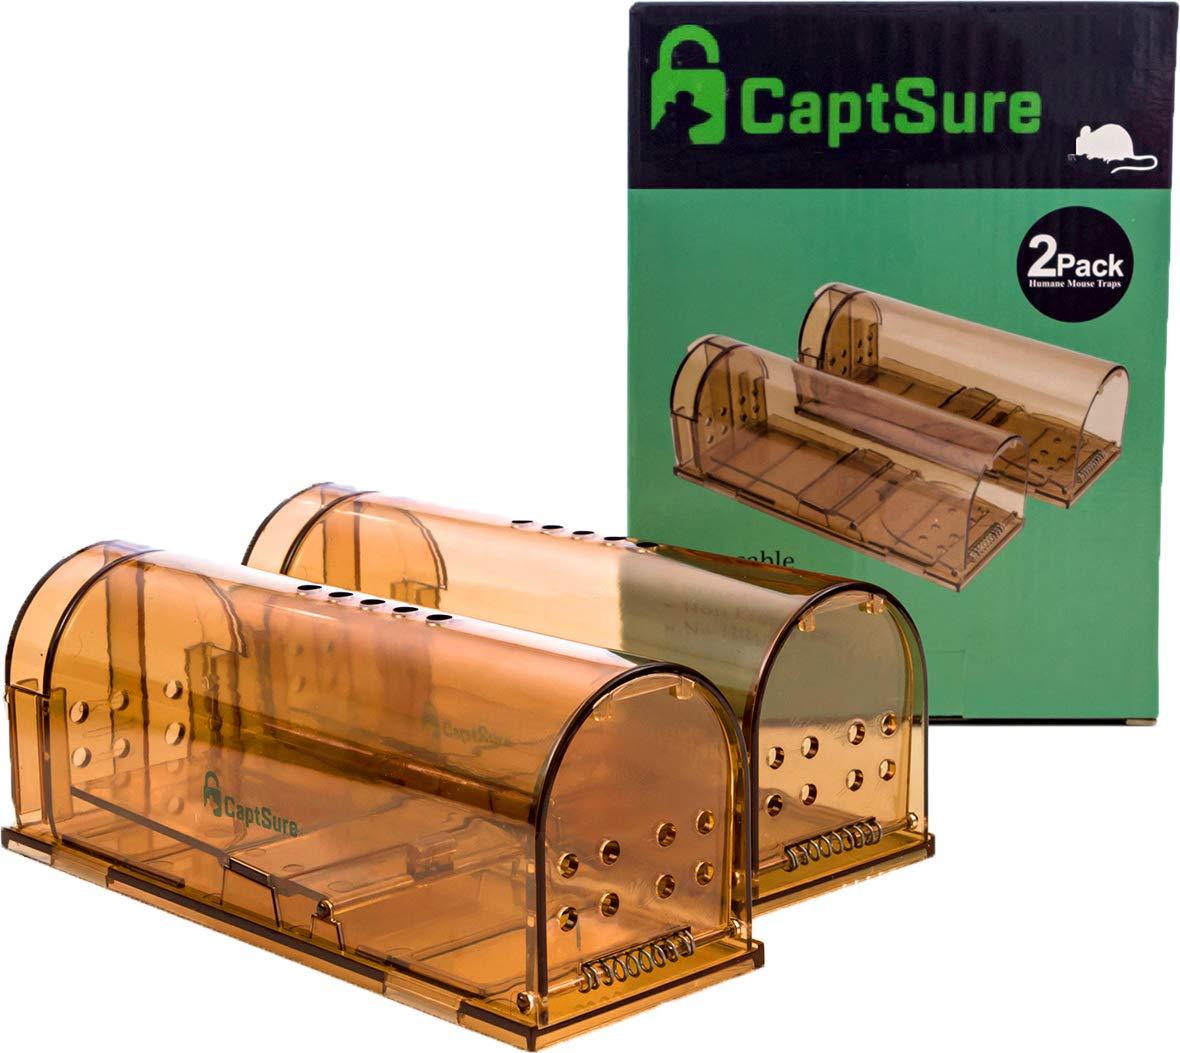 CaptSure